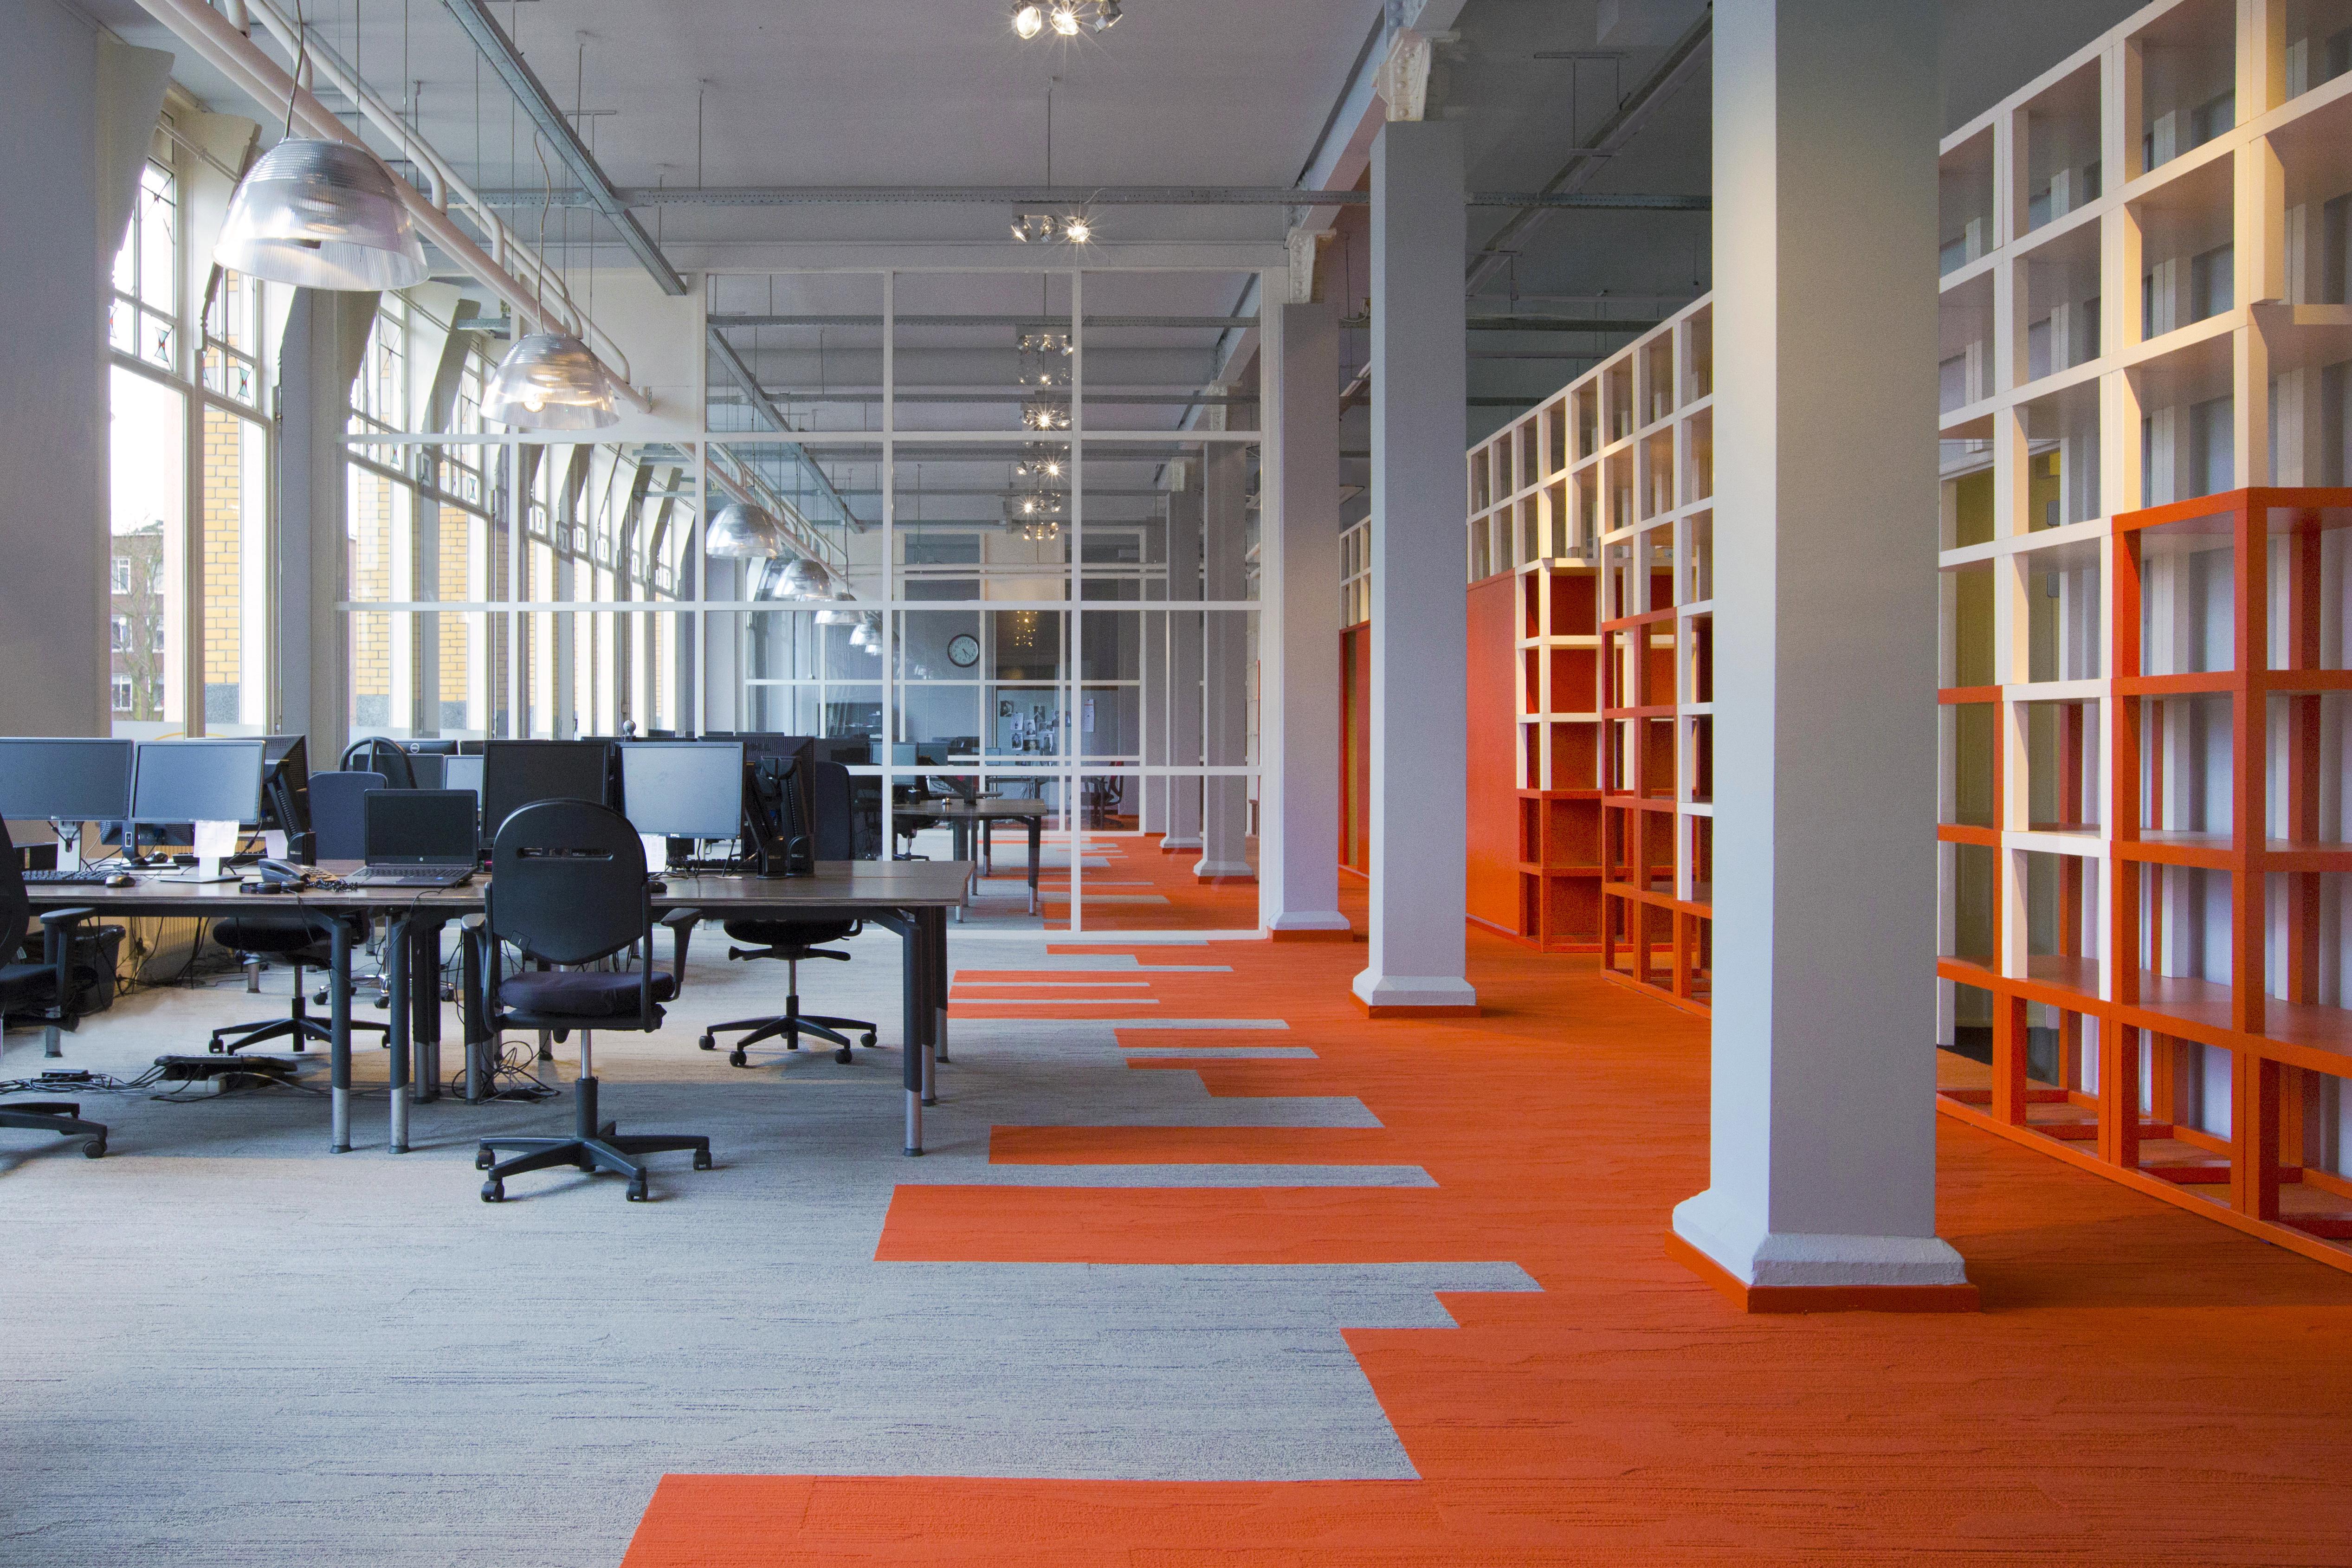 Skyline rotterdam verwerkt in interieur kantoor for Interieur rotterdam